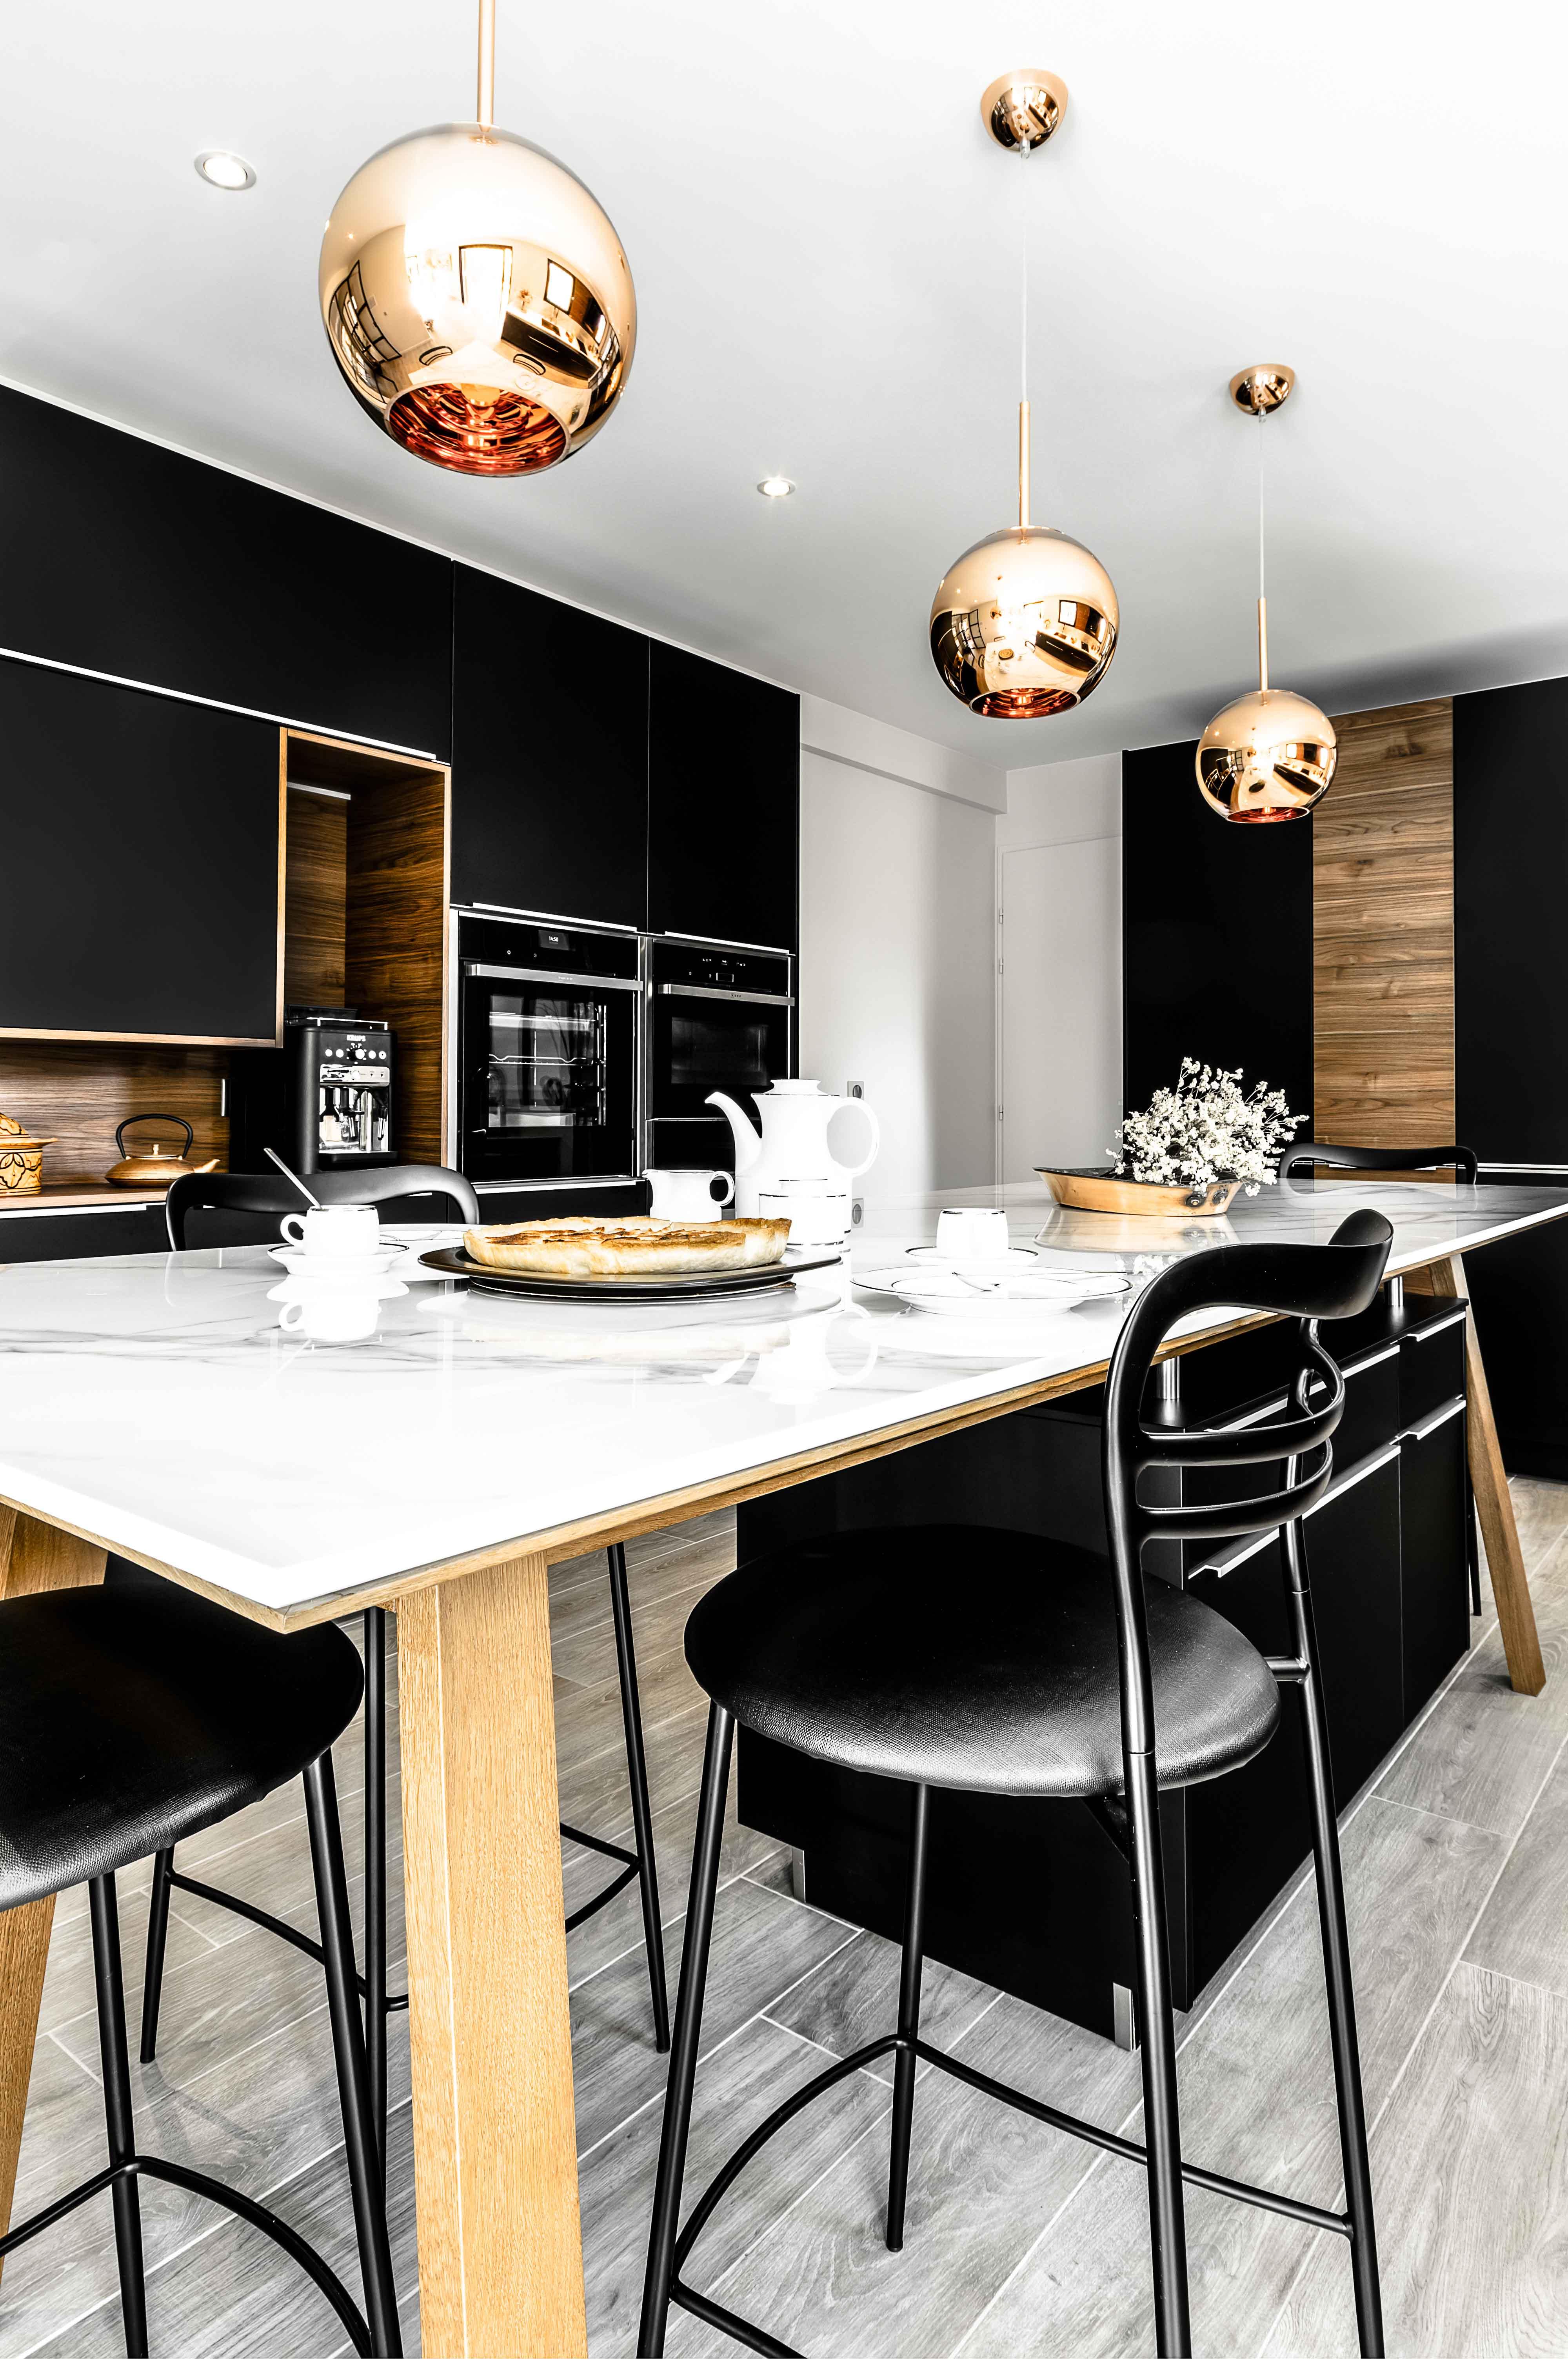 Magnifique cuisine ultra moderne lumineuse chic bois marbre et ameublement noir alliance de modernité et de style design scandinave